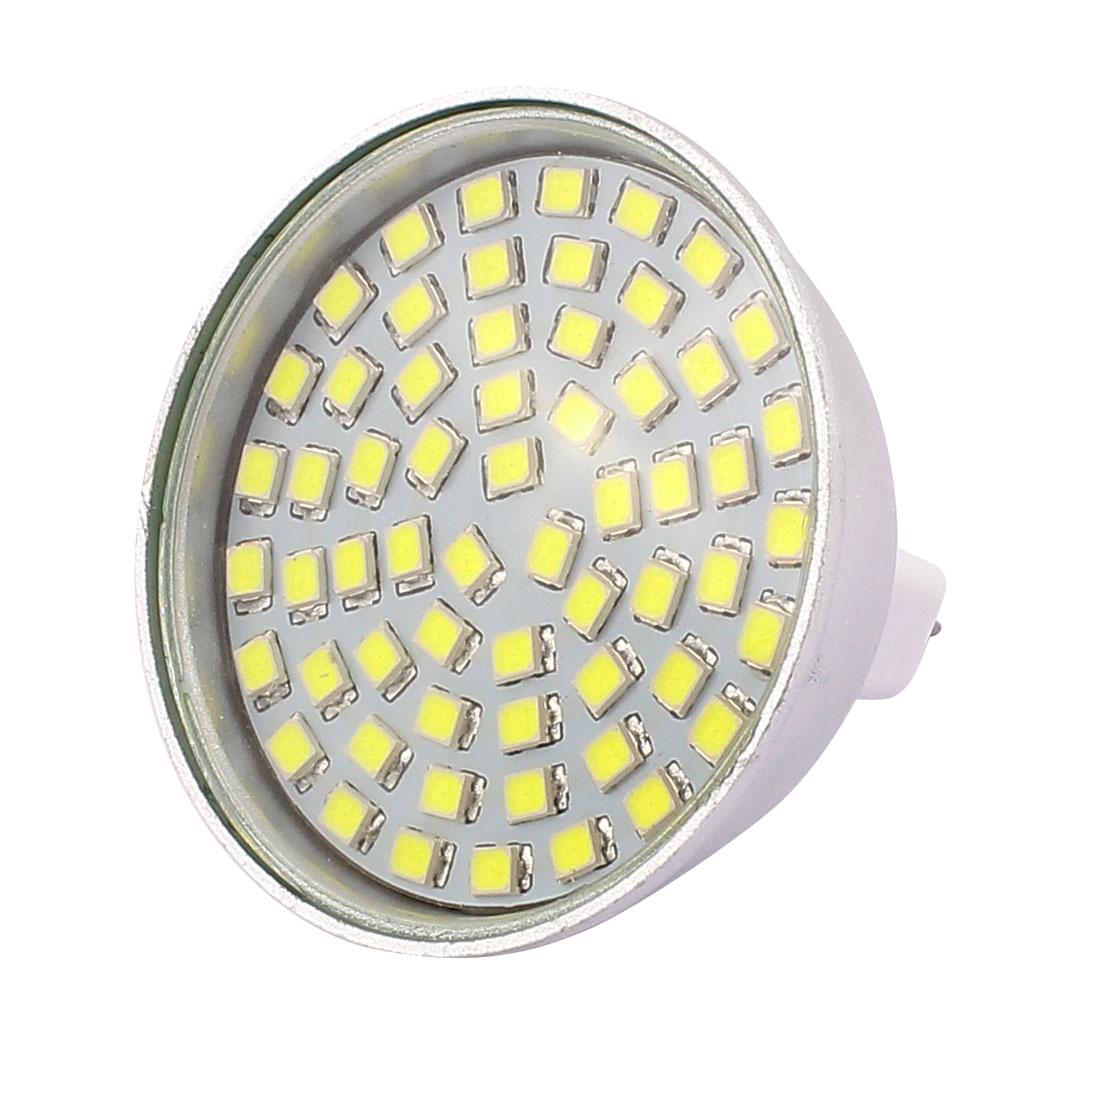 110V 4W MR16 2835 SMD 48 LEDs LED Bulb Light Spotlight Lamp Energy Saving White